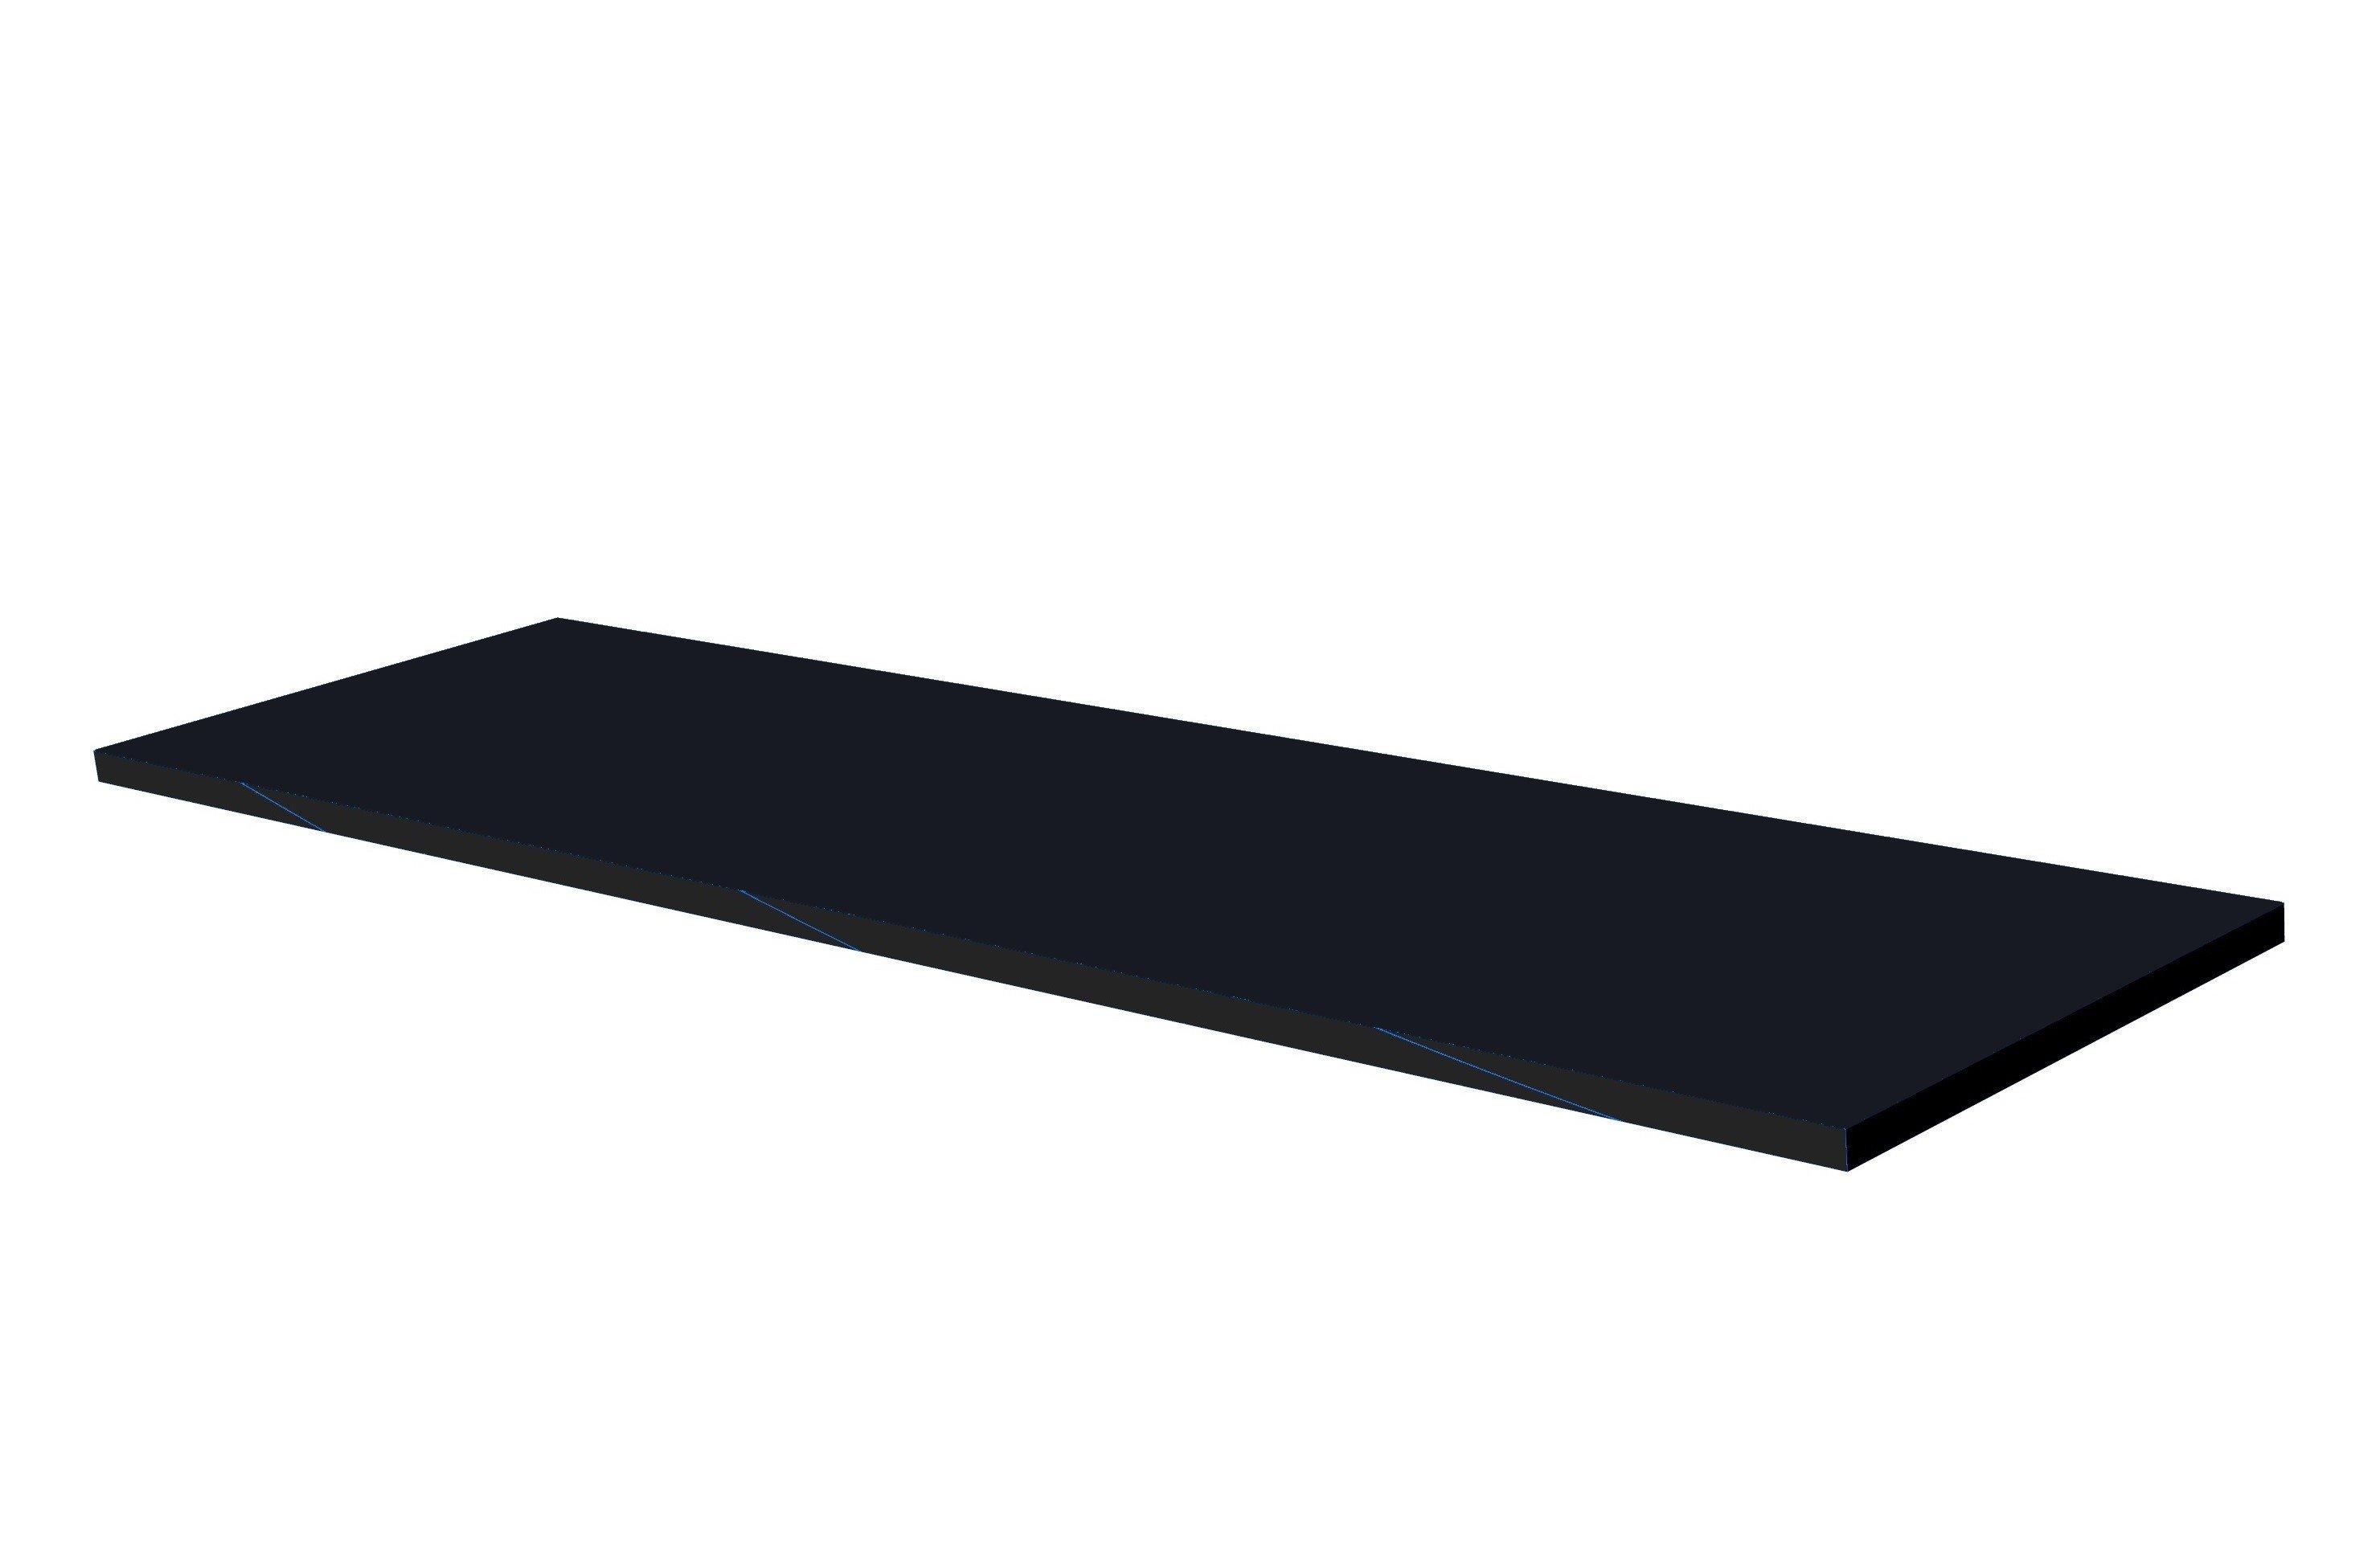 Dark rubber sheet